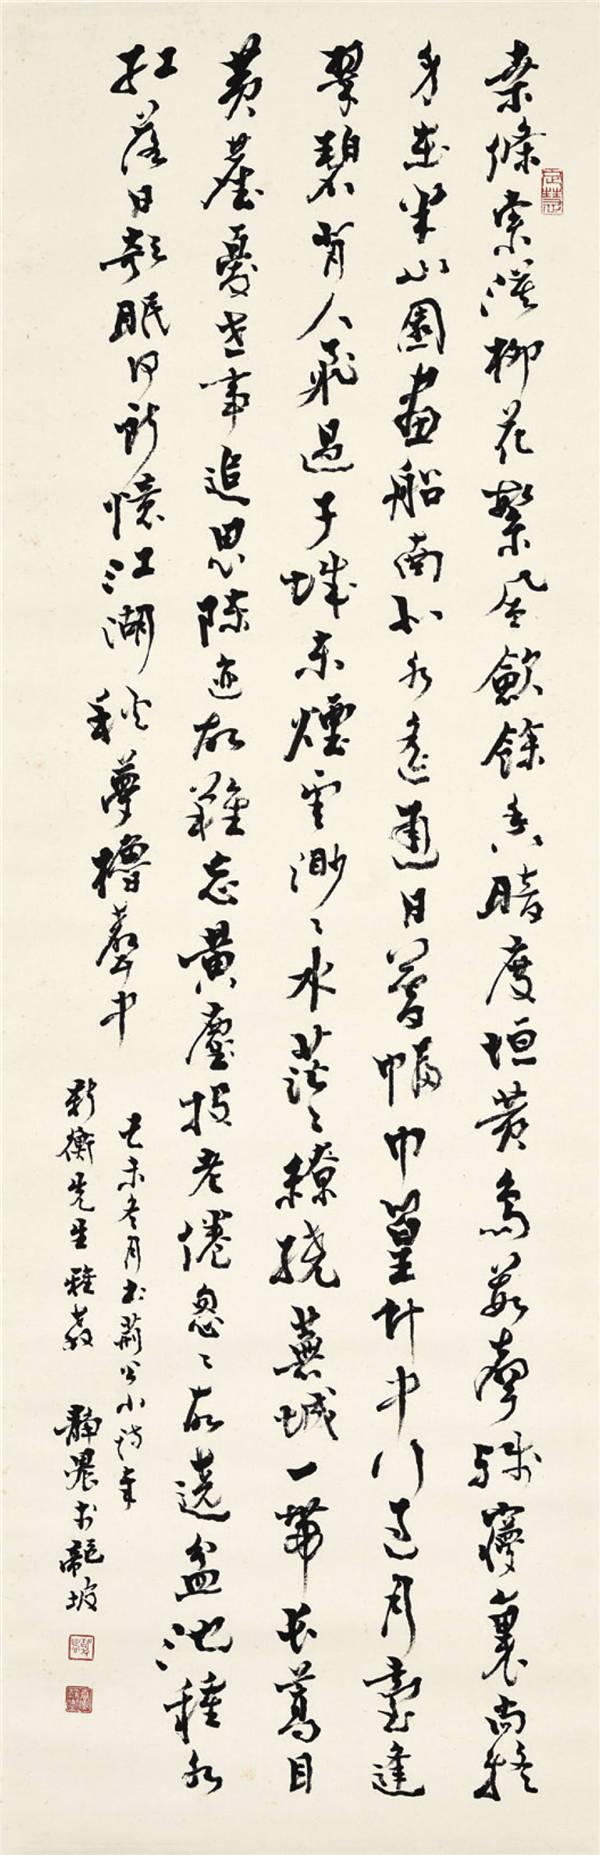 台静农(1902-1990)-书法 作品下载